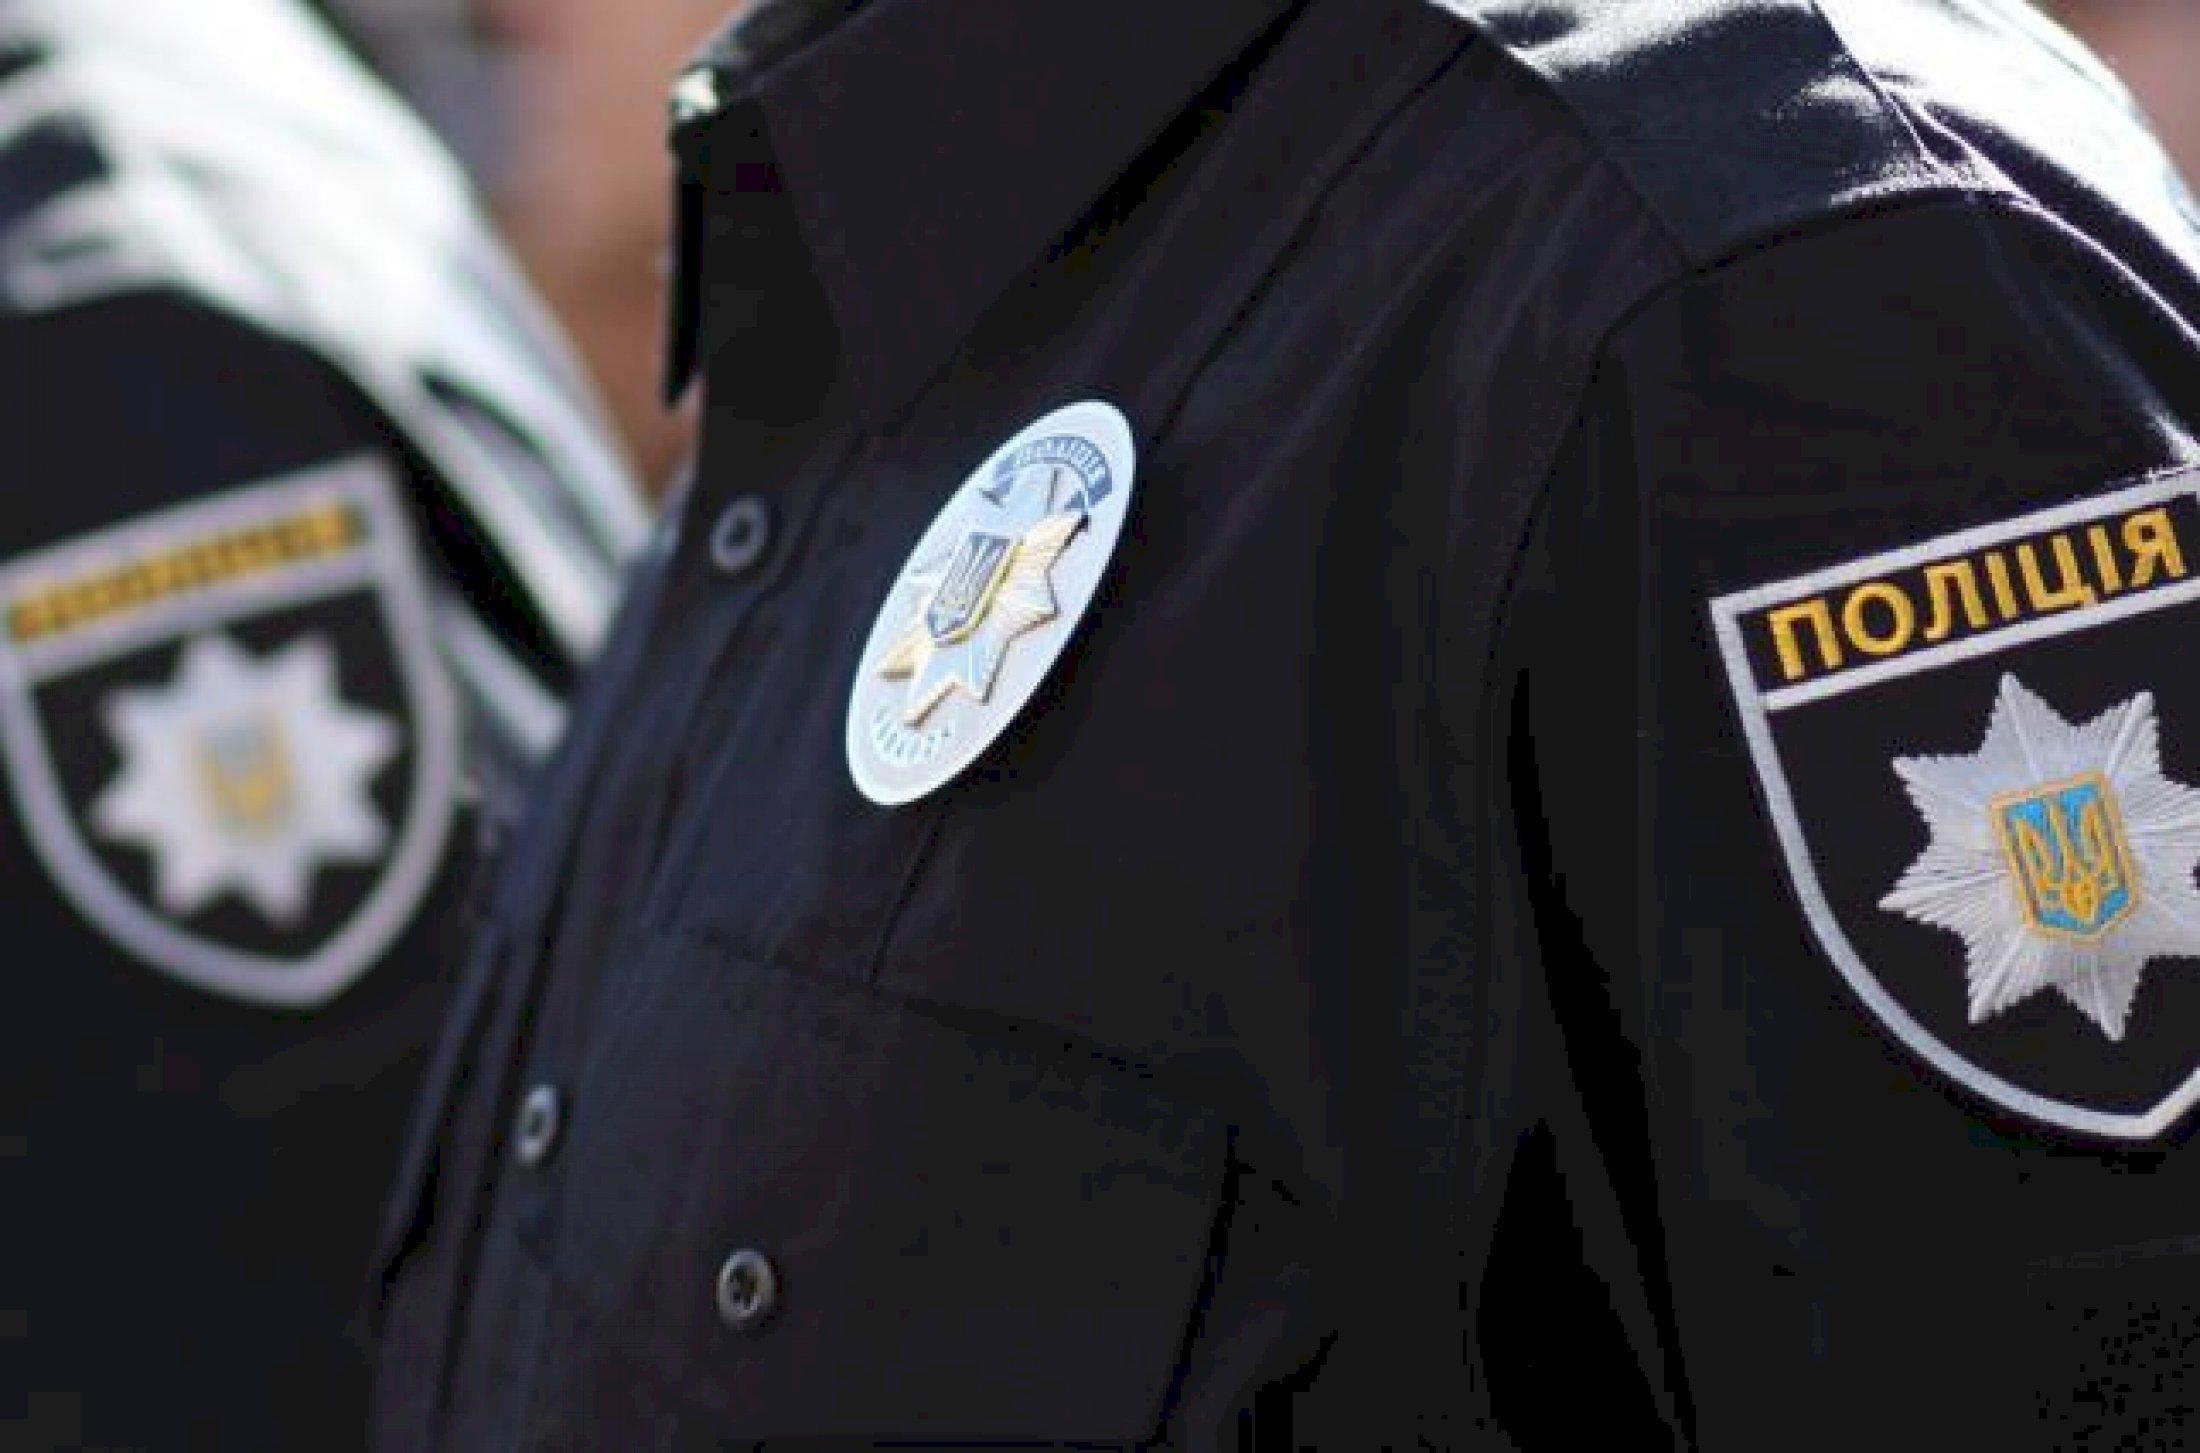 На Харківщині трое неповнолітніх друзів пограбували односельця: обвинувачення скеровано до суду